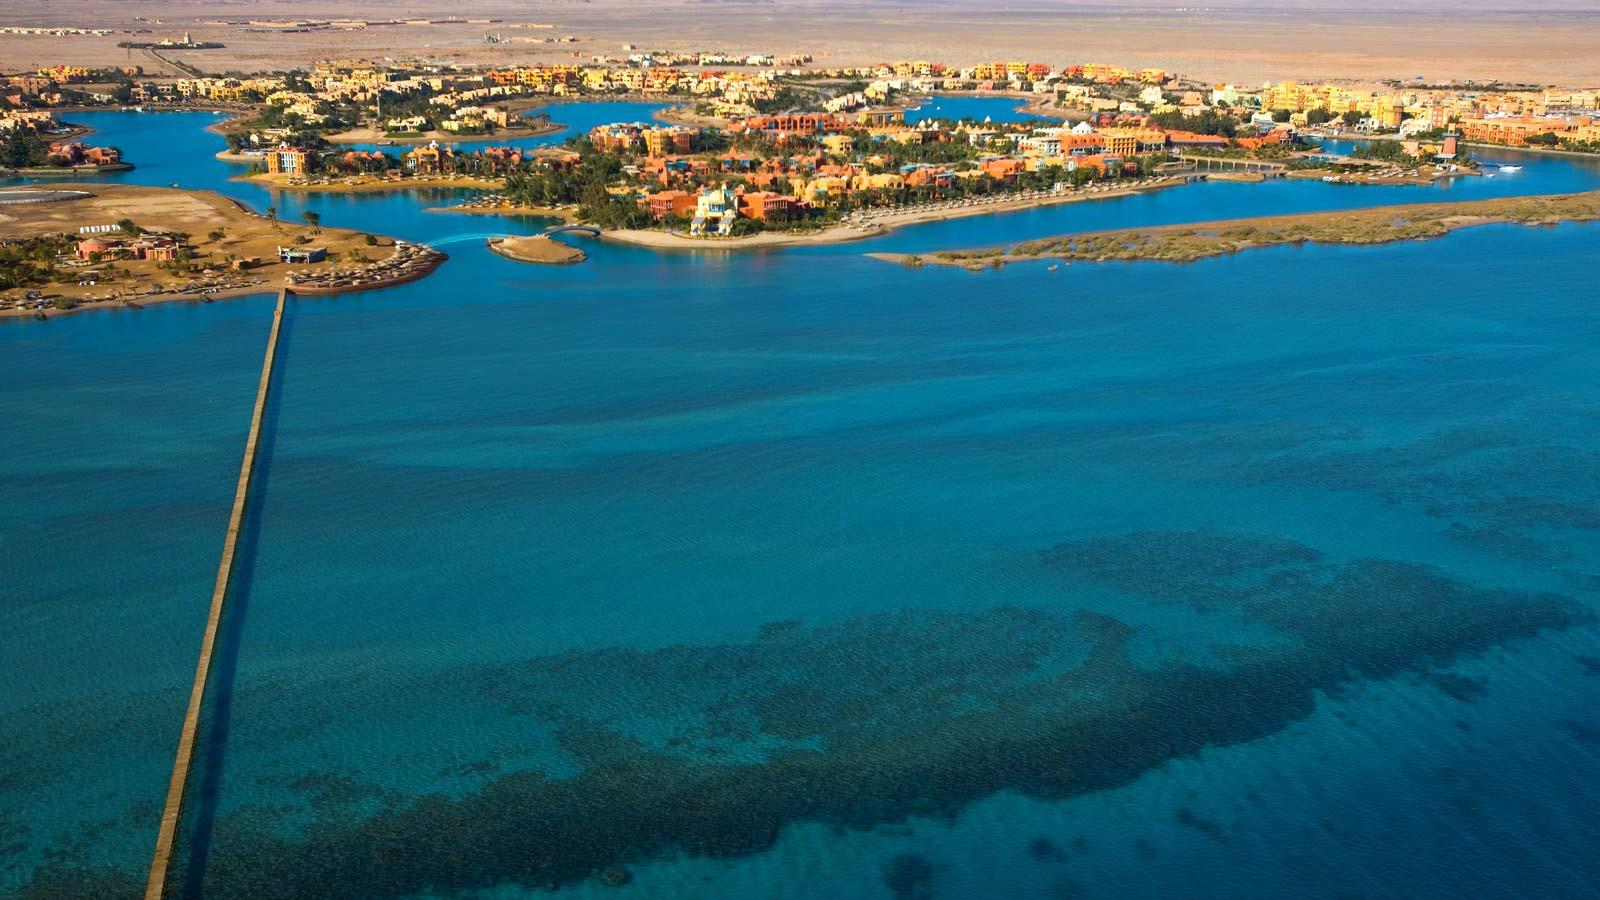 Sheraton Miramar Resort El Gouna image2